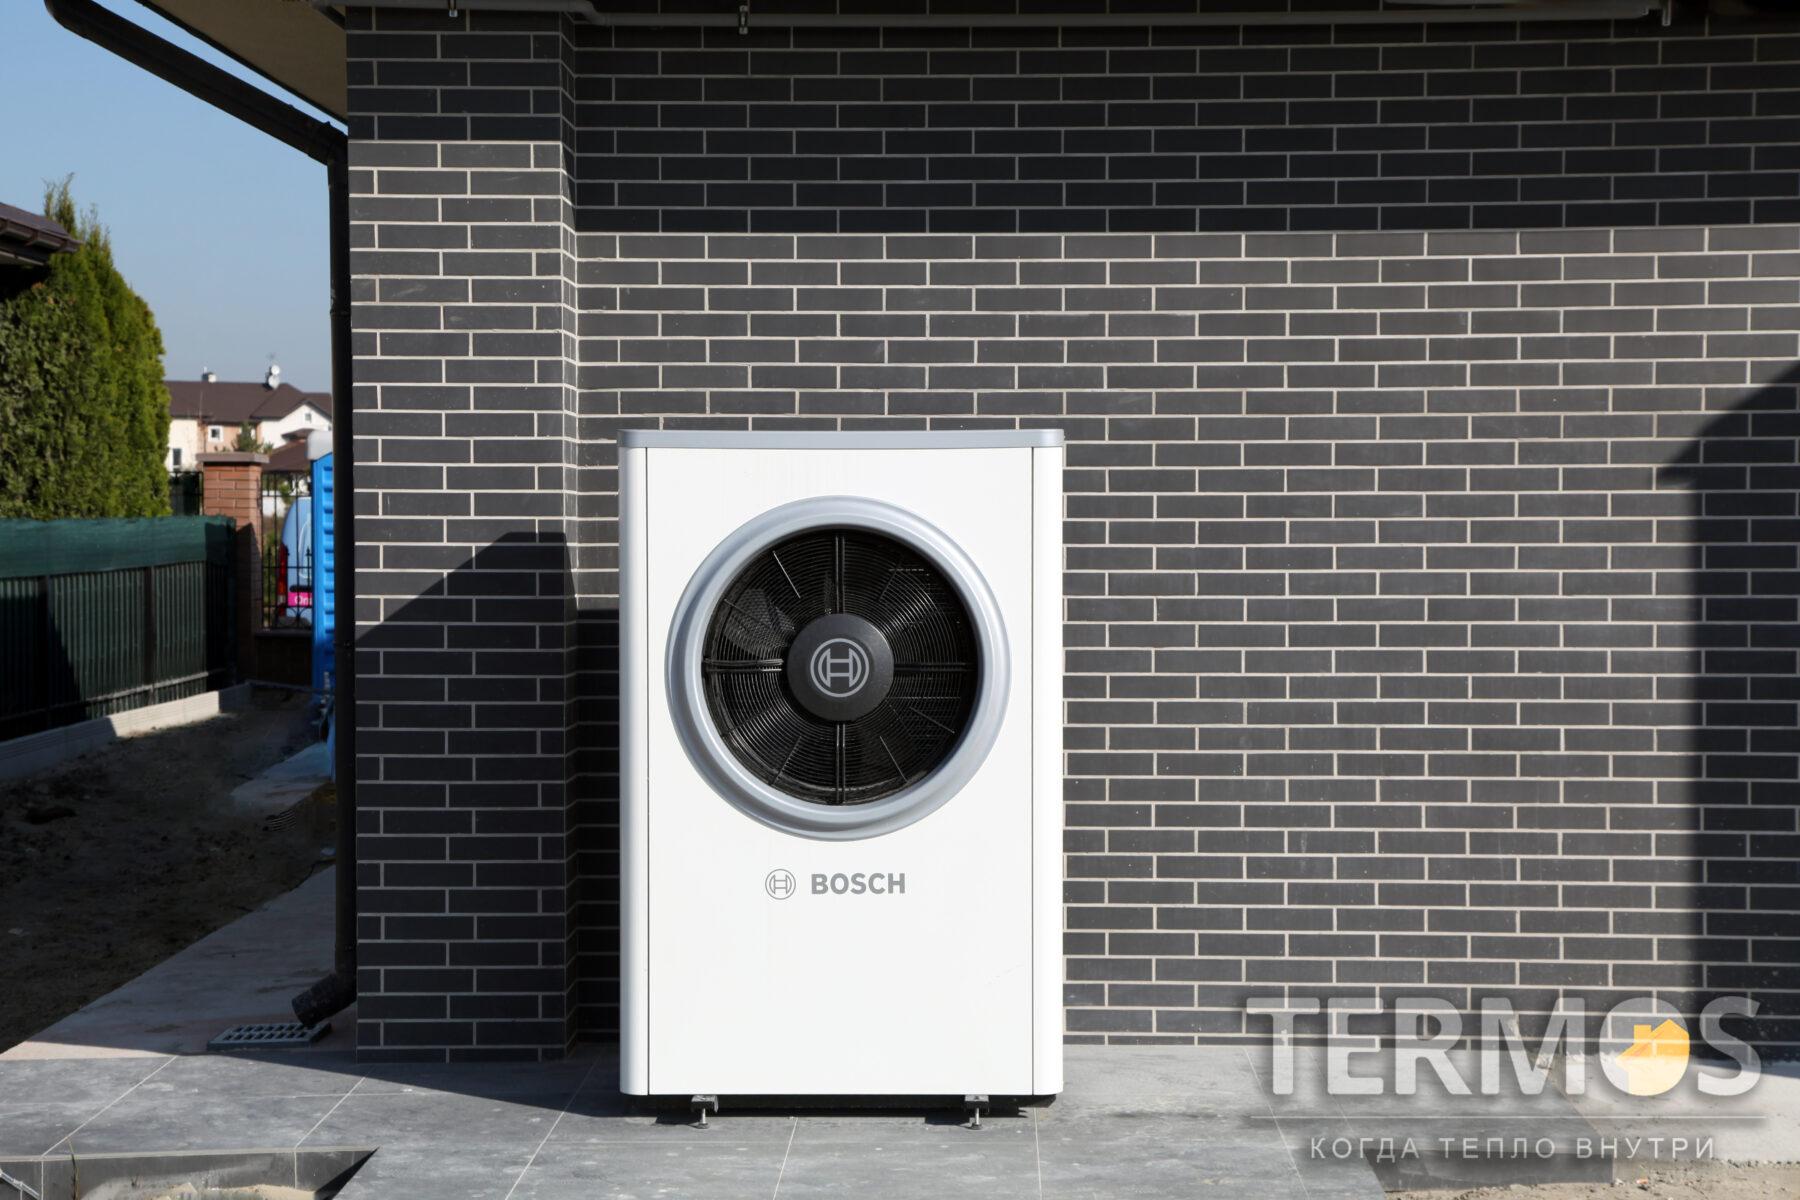 Золоче. Дом 320 кв м. Воздушный, реверсивный тепловой насос BOSCH (Германия) Compress 7000i 13 кВт с режимами отопления / охлаждения